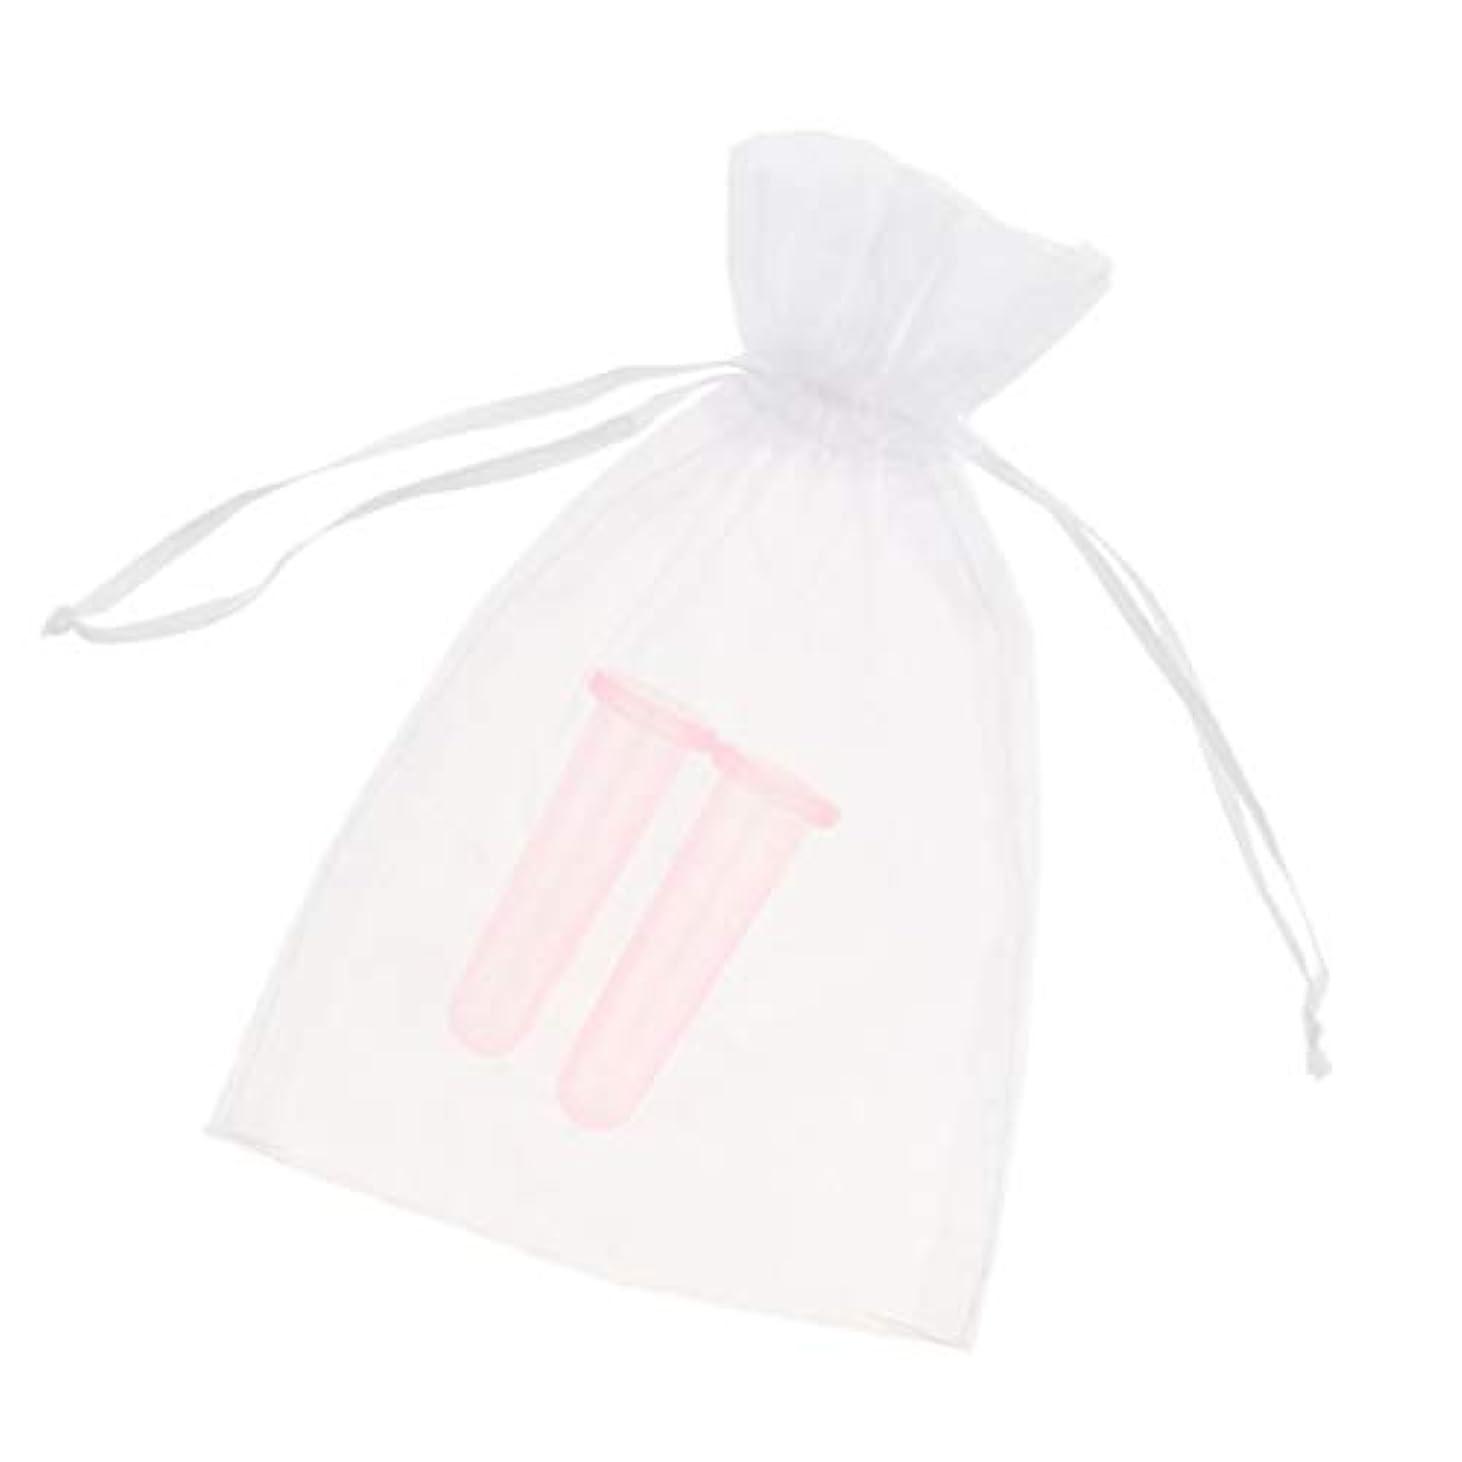 隠す民族主義積分F Fityle 全2色 シリコーン製 真空 顔用マッサージ カッピング 吸い玉カップ カッピング 収納ポーチ付き 2個 - ピンク